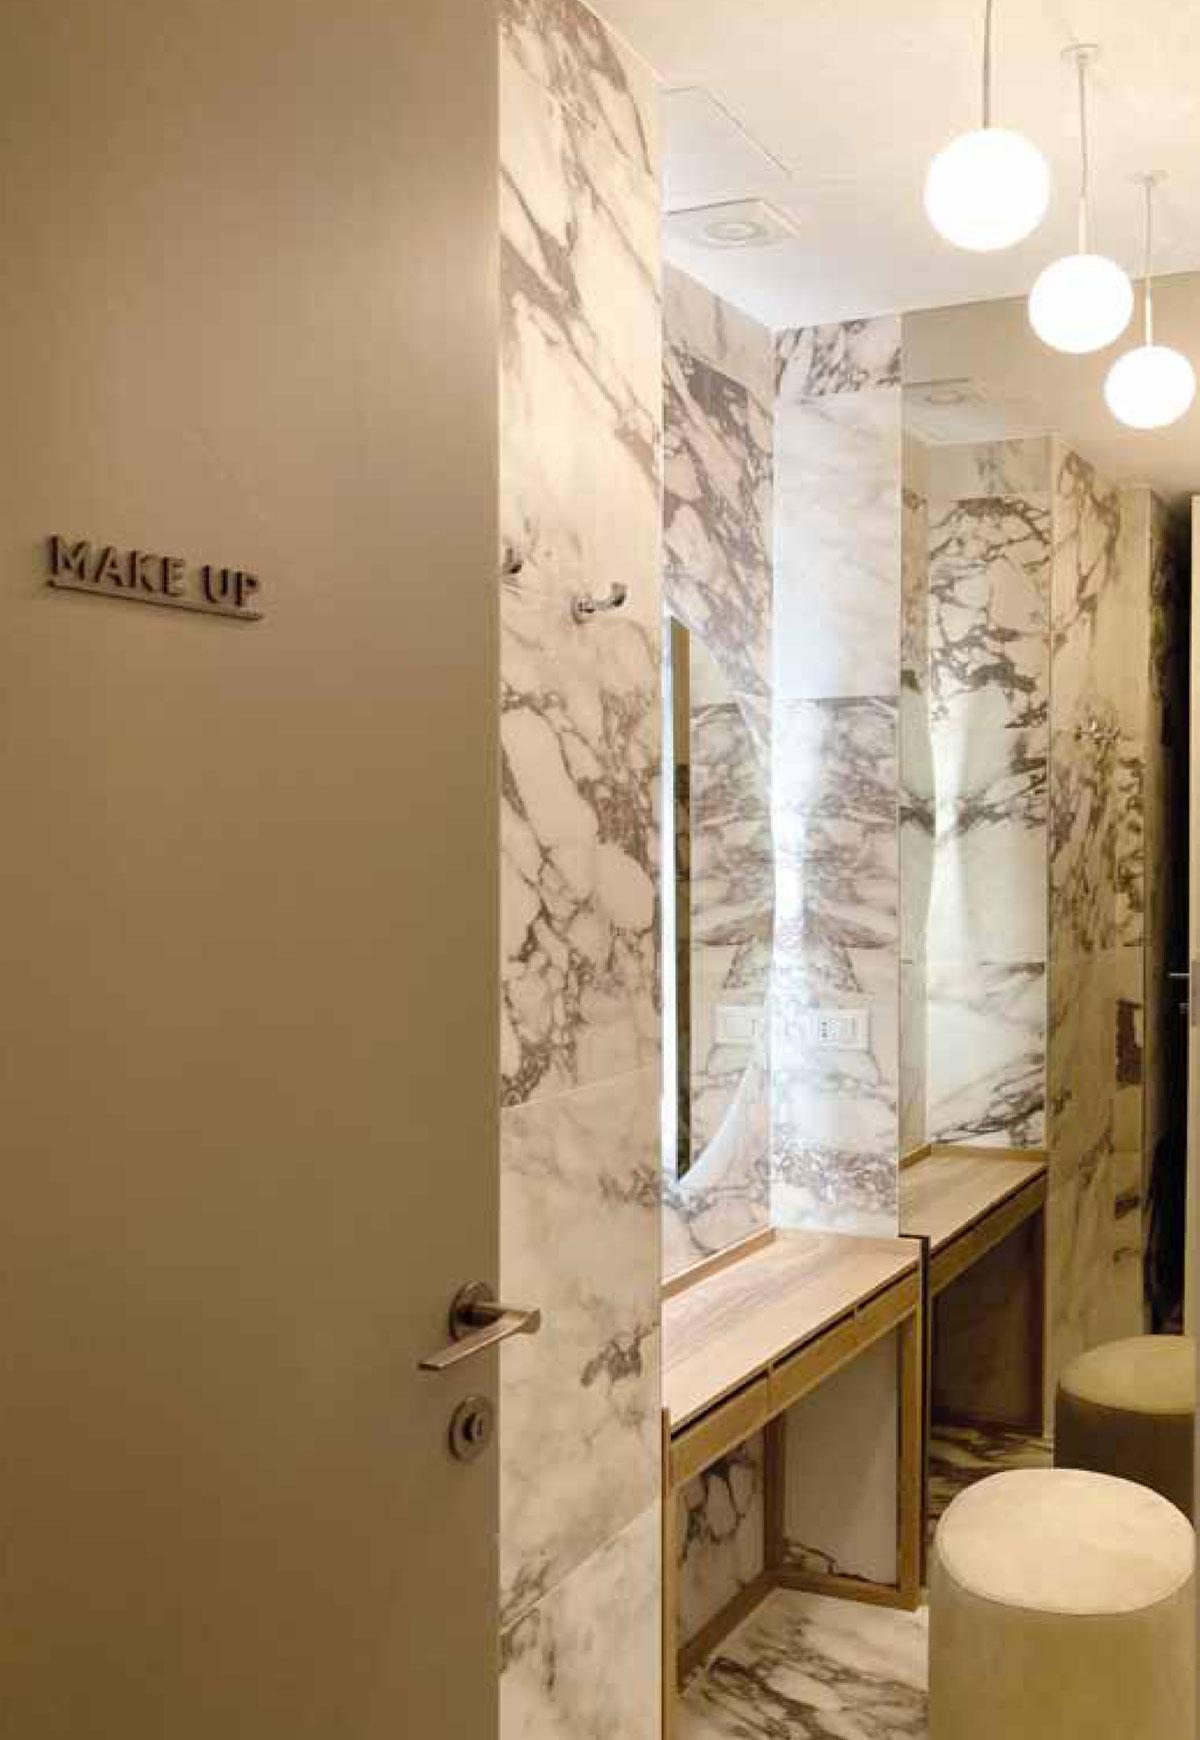 04_Salamanca_Milano_Make-Up-room